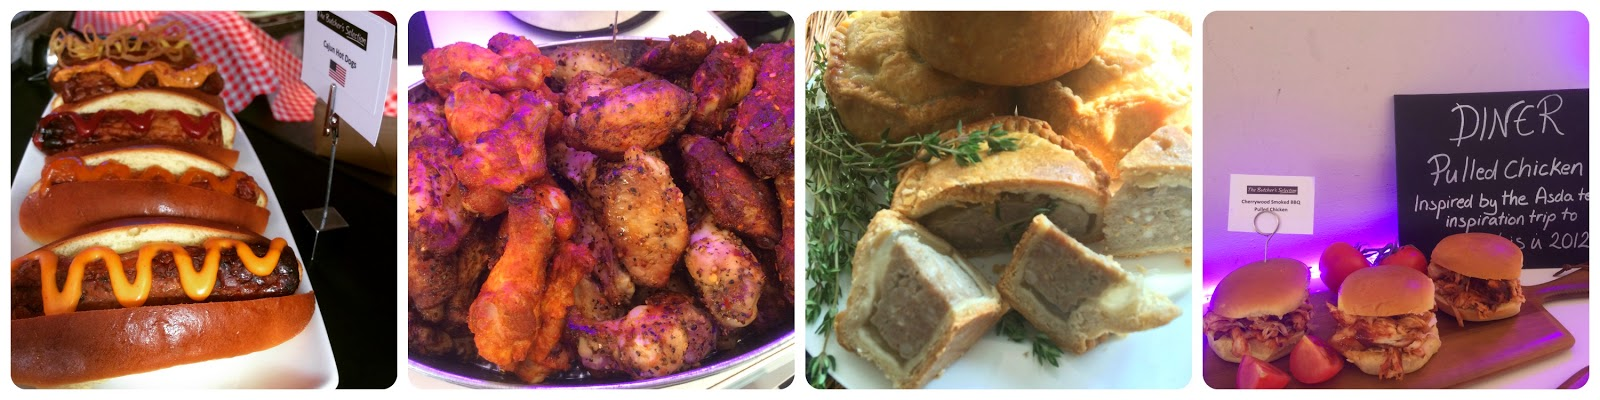 gluten free hot dogs, sausages, chicken, pork pie, pulled chicken from Asda